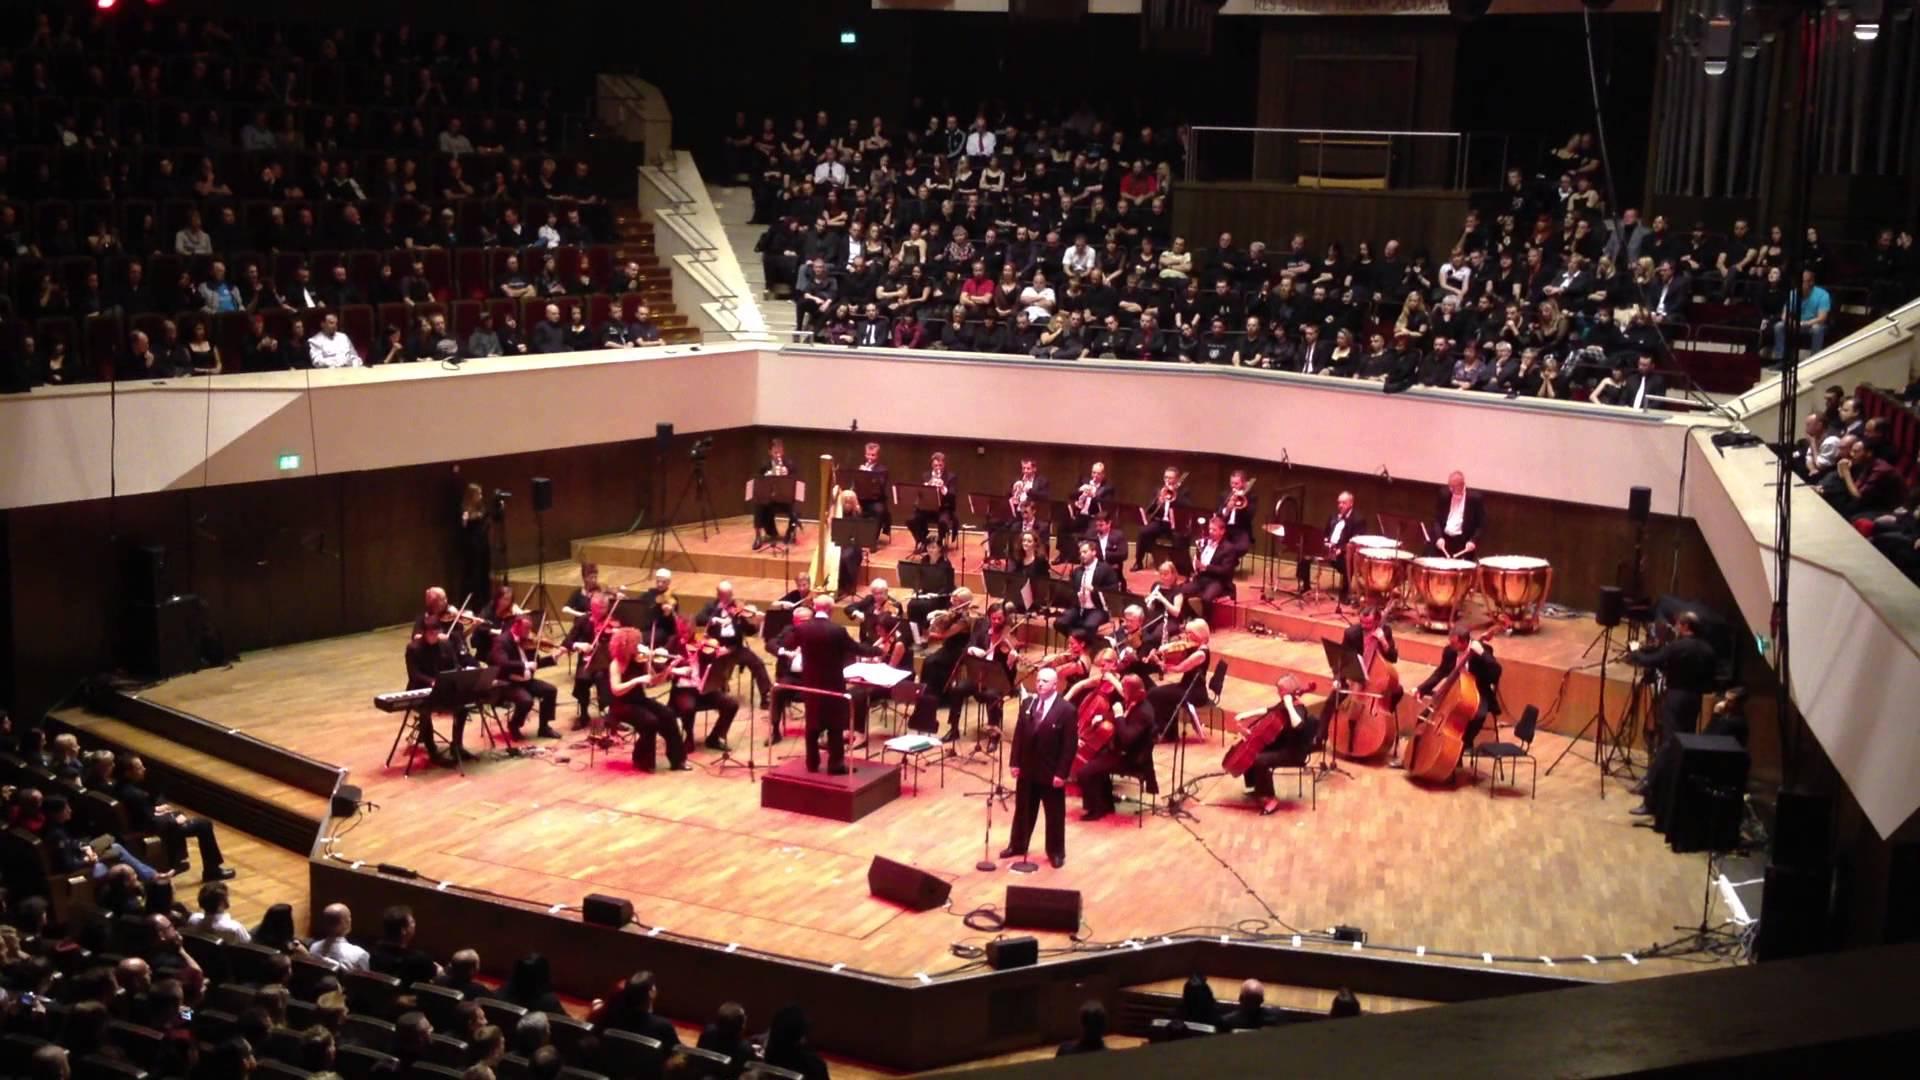 VNV Nation Beloved @ Gothic meets Klassik (Live Orchestral).